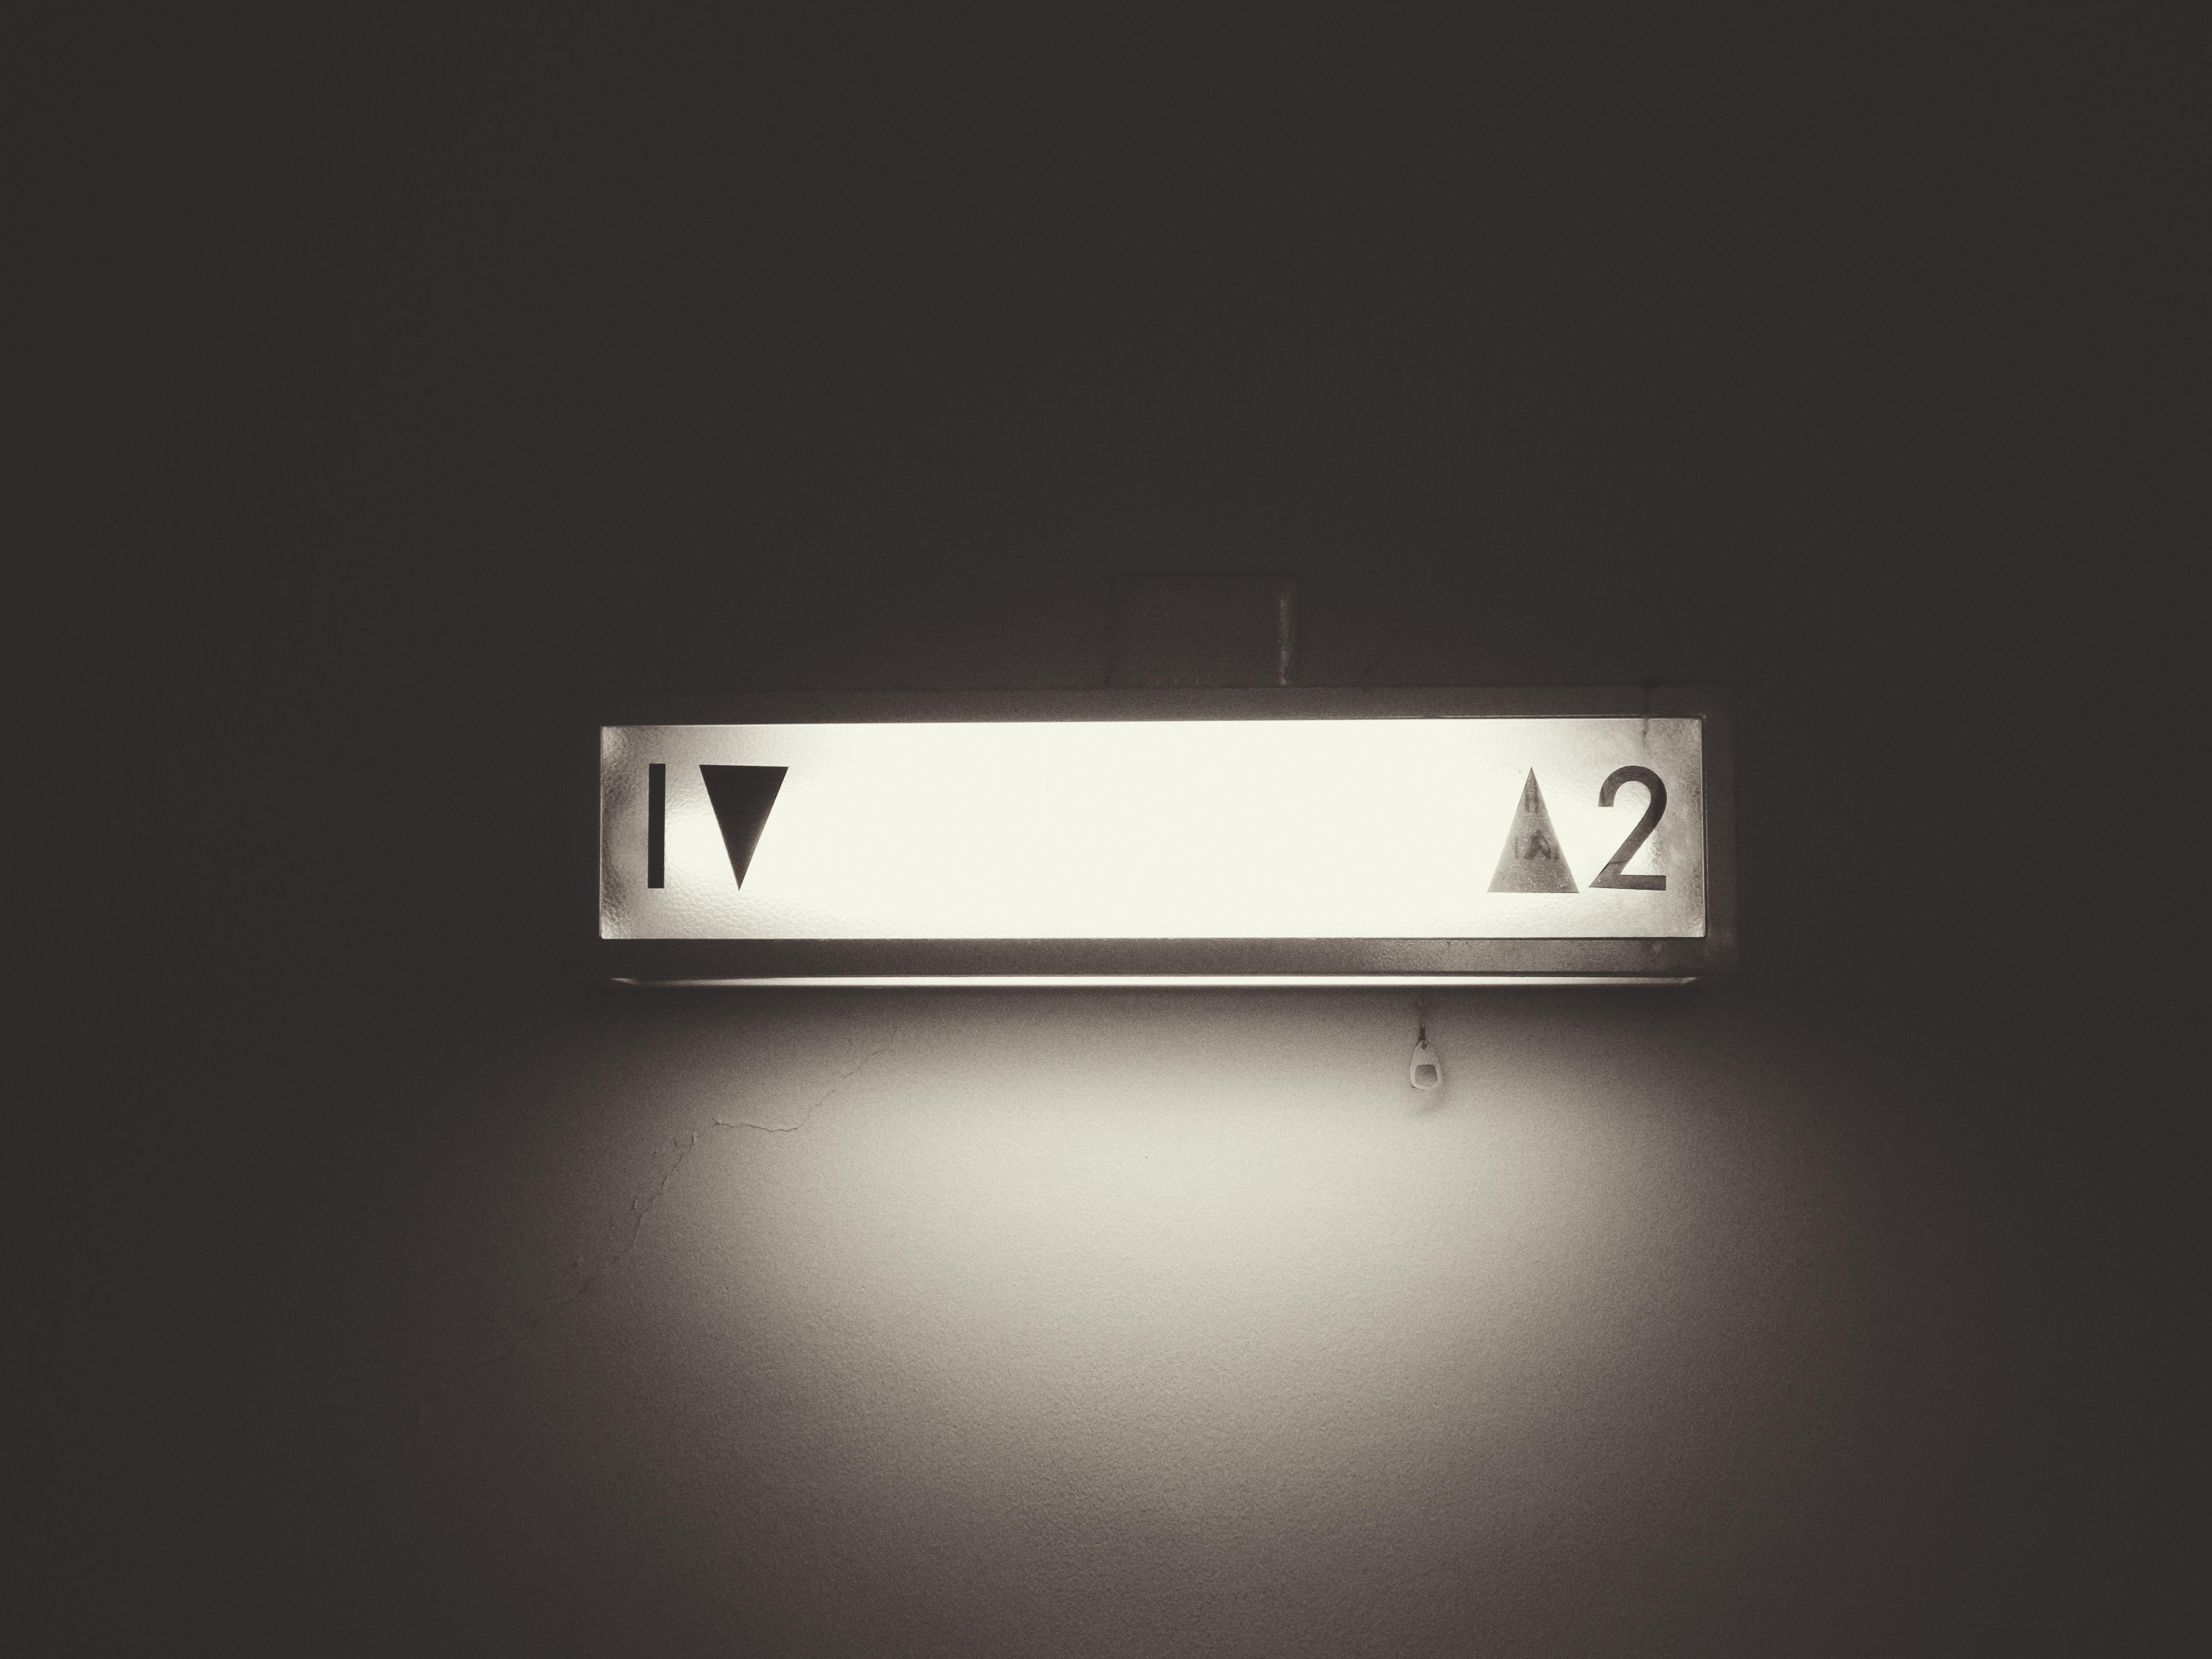 gray framed 1 and 2 elevator signage